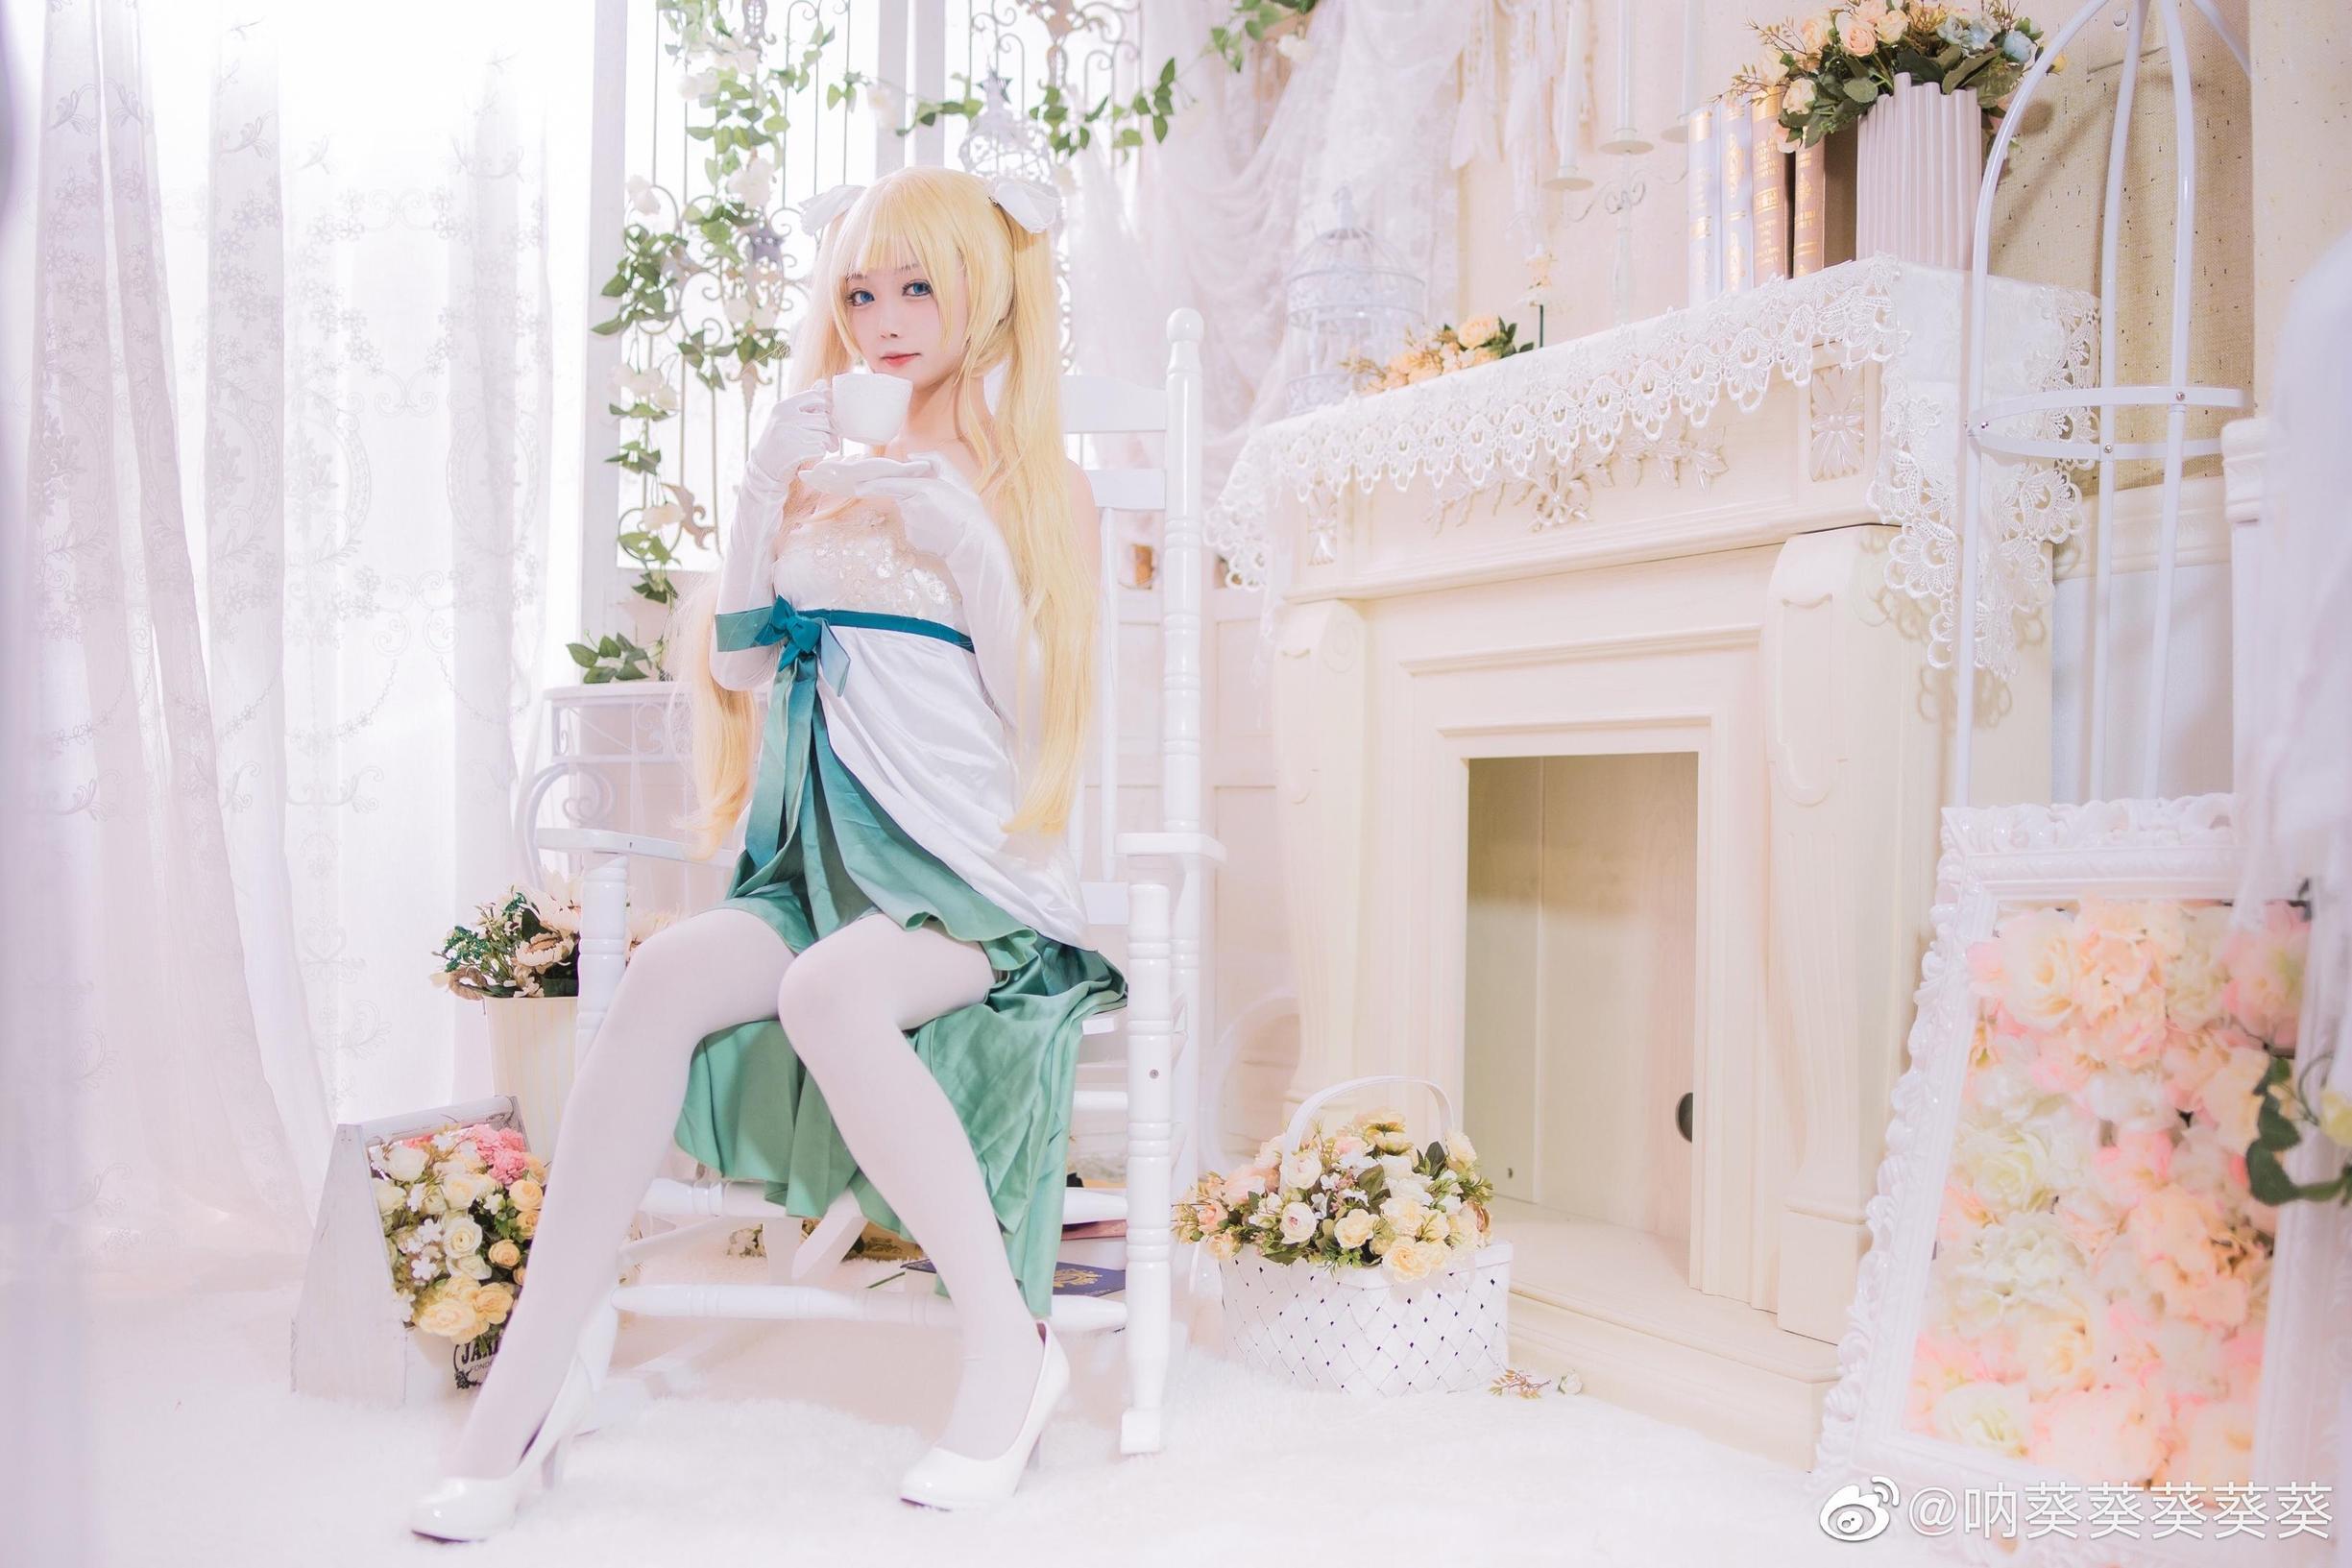 《路人女主的养成方法》正片cosplay【CN:超高校肥宅】-第8张